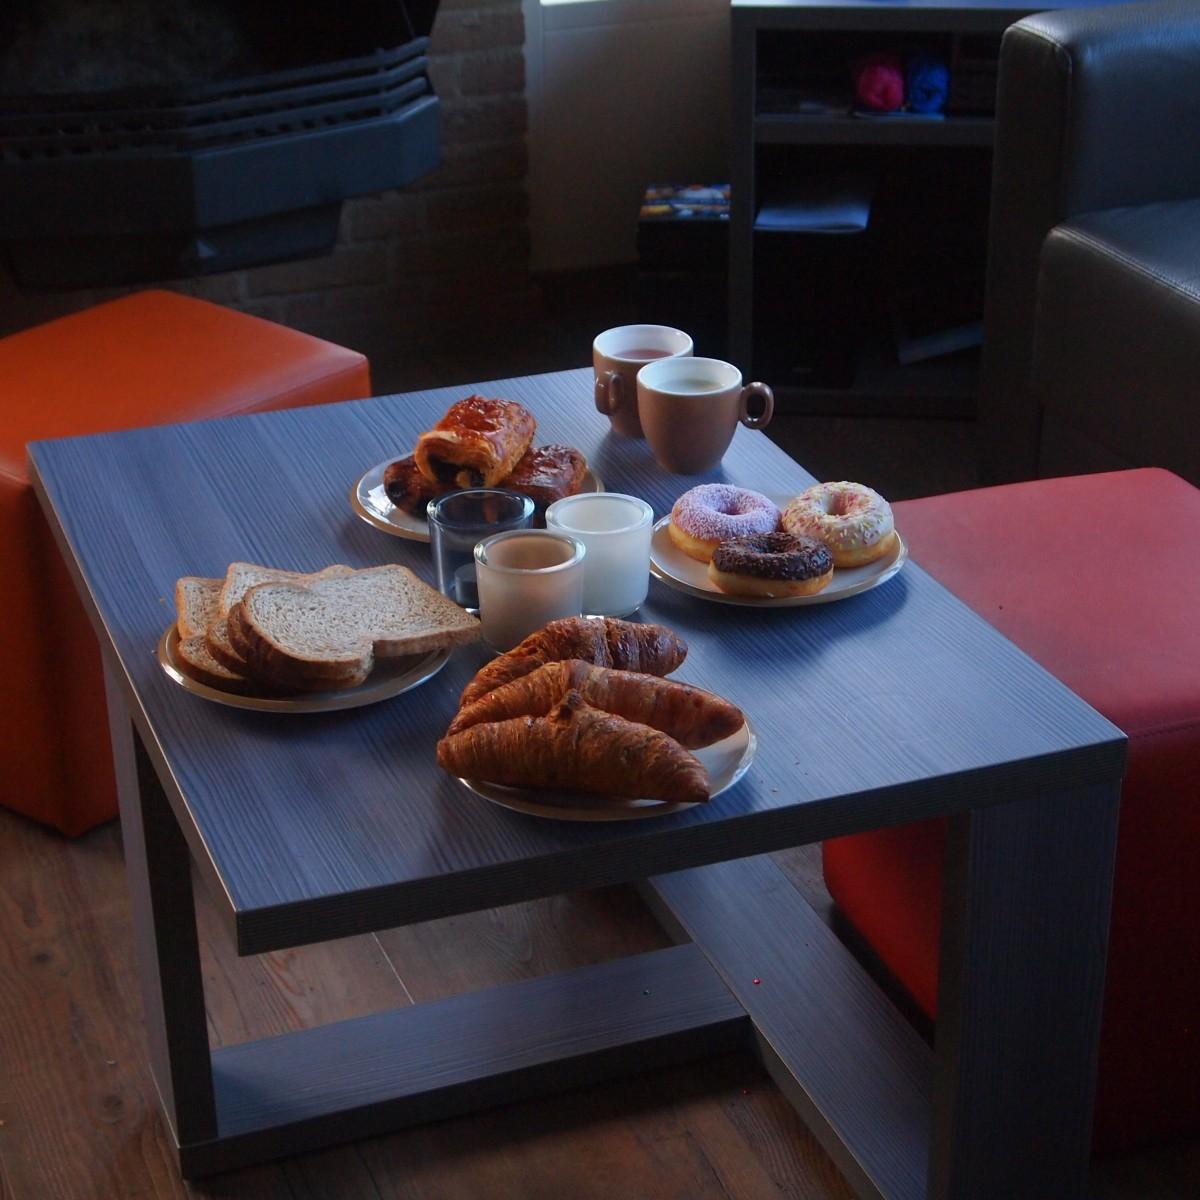 free images table restaurant meal food plate furniture room breakfast lunch design. Black Bedroom Furniture Sets. Home Design Ideas